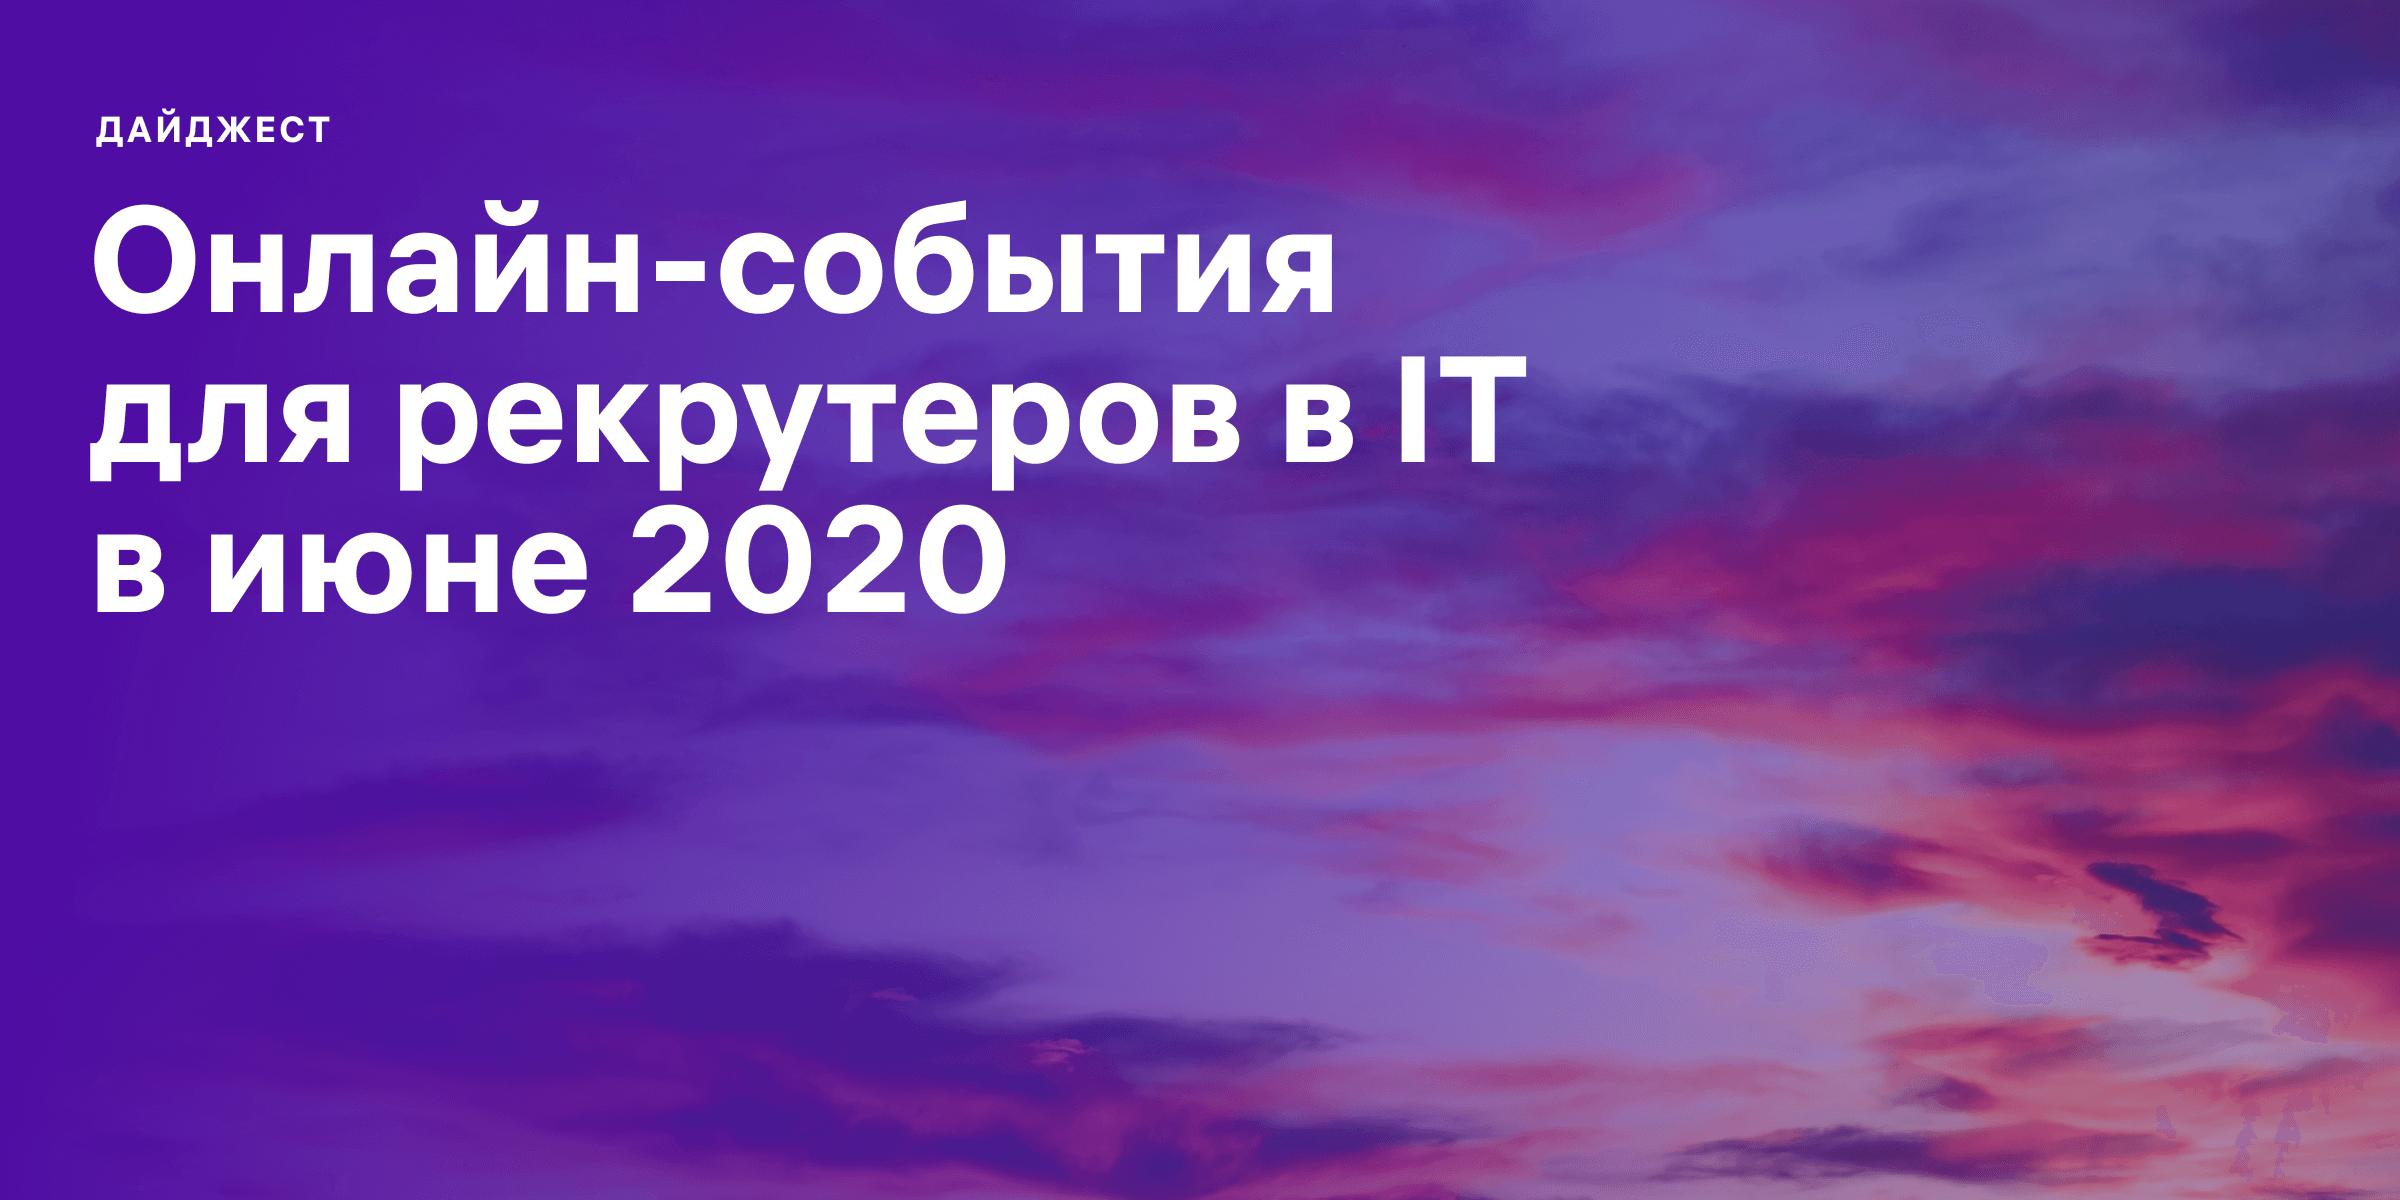 Дайджест событий для эйчаров и рекрутеров в IT на июнь 2020